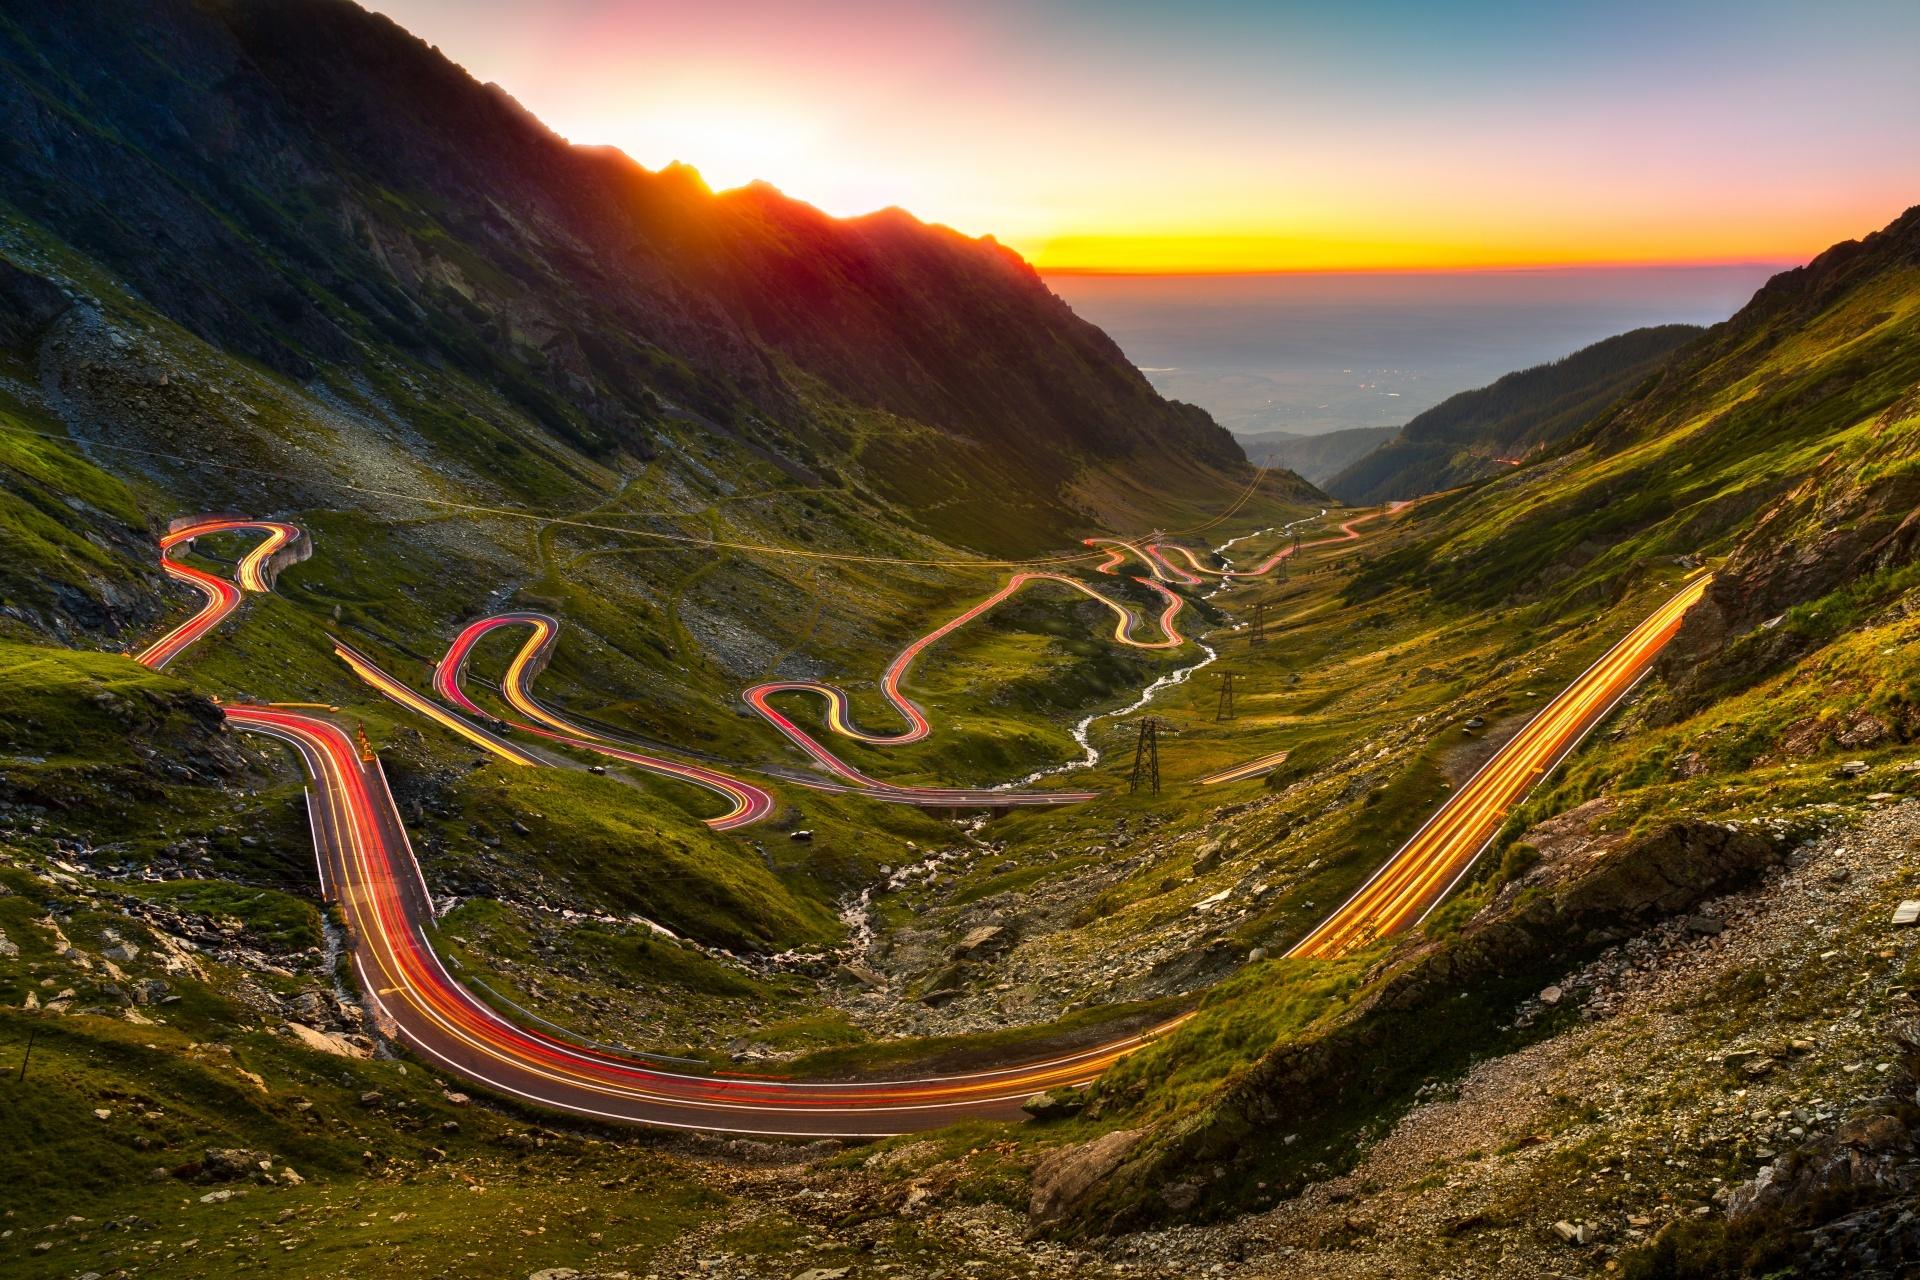 夕暮れのトランスファガラシャン(山岳道路) ルーマニアの風景